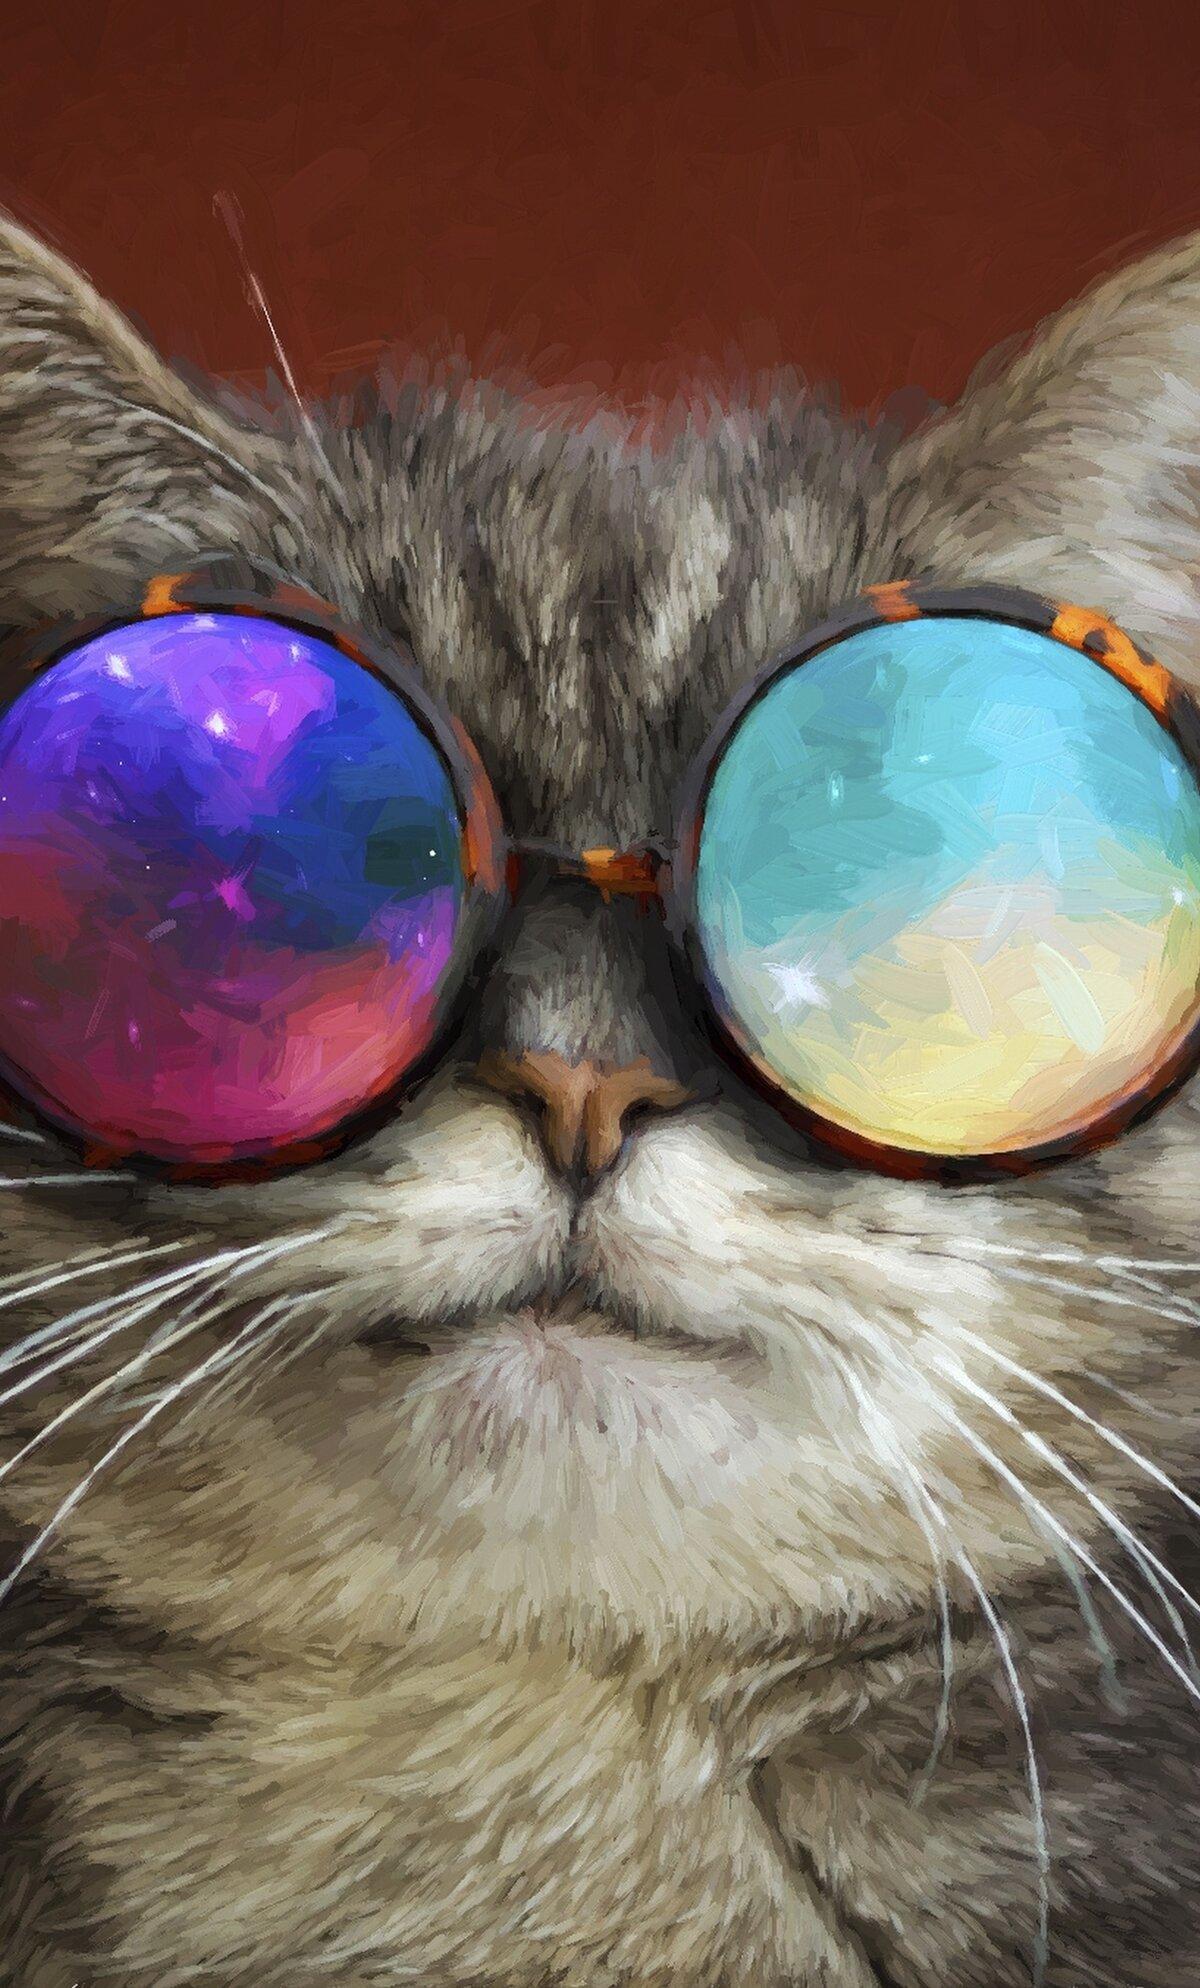 Поздравления, картинки на телефон коты крутые